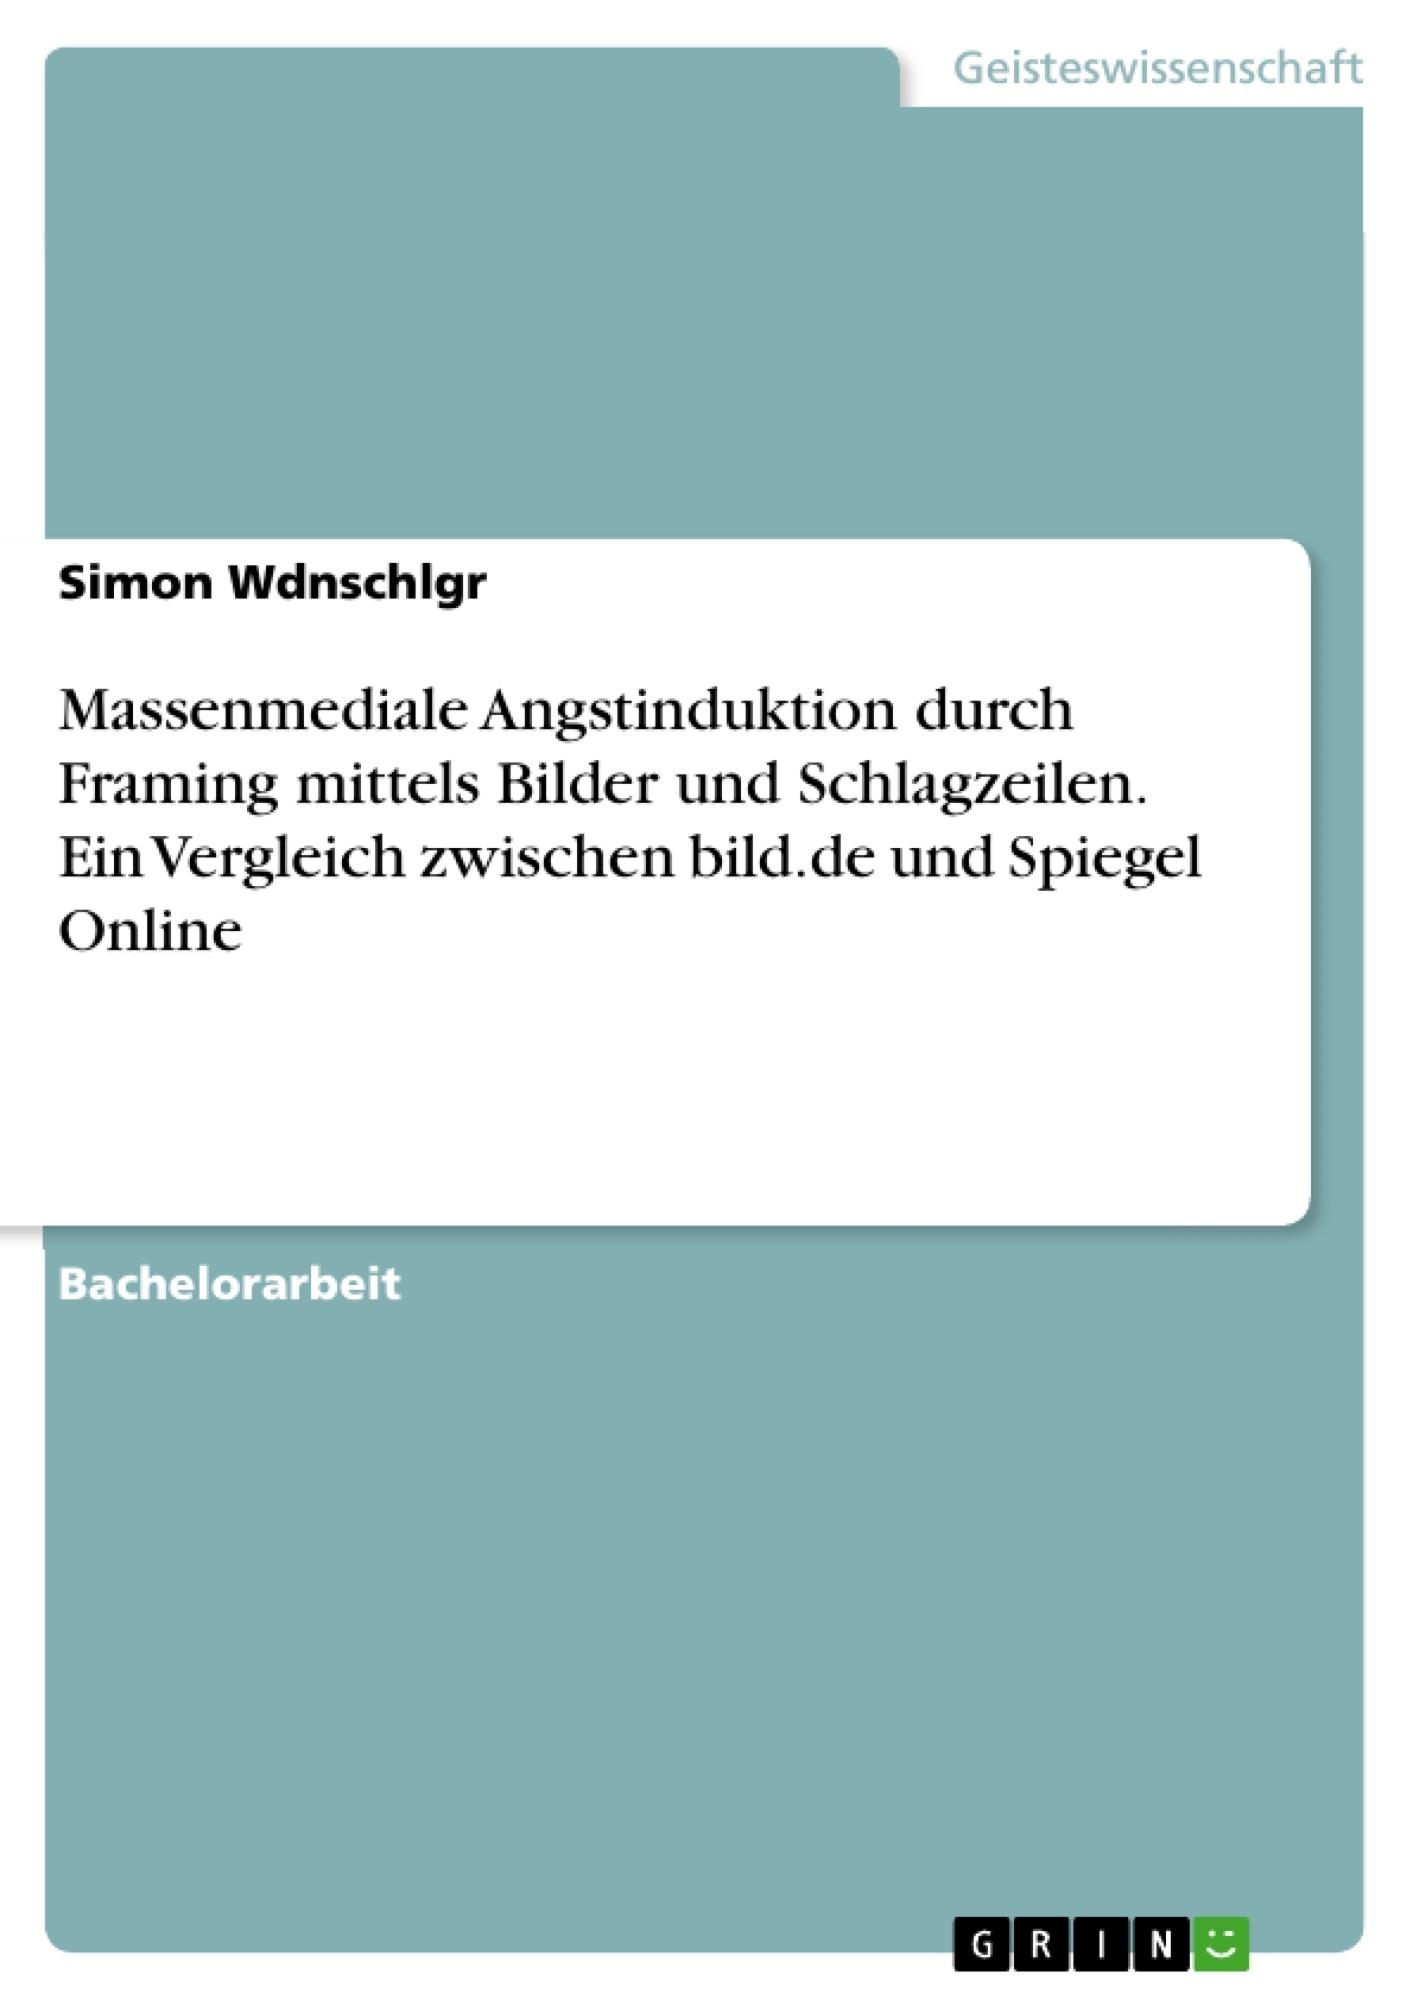 Titel: Massenmediale Angstinduktion durch Framing mittels Bilder und Schlagzeilen. Ein Vergleich zwischen bild.de und Spiegel Online